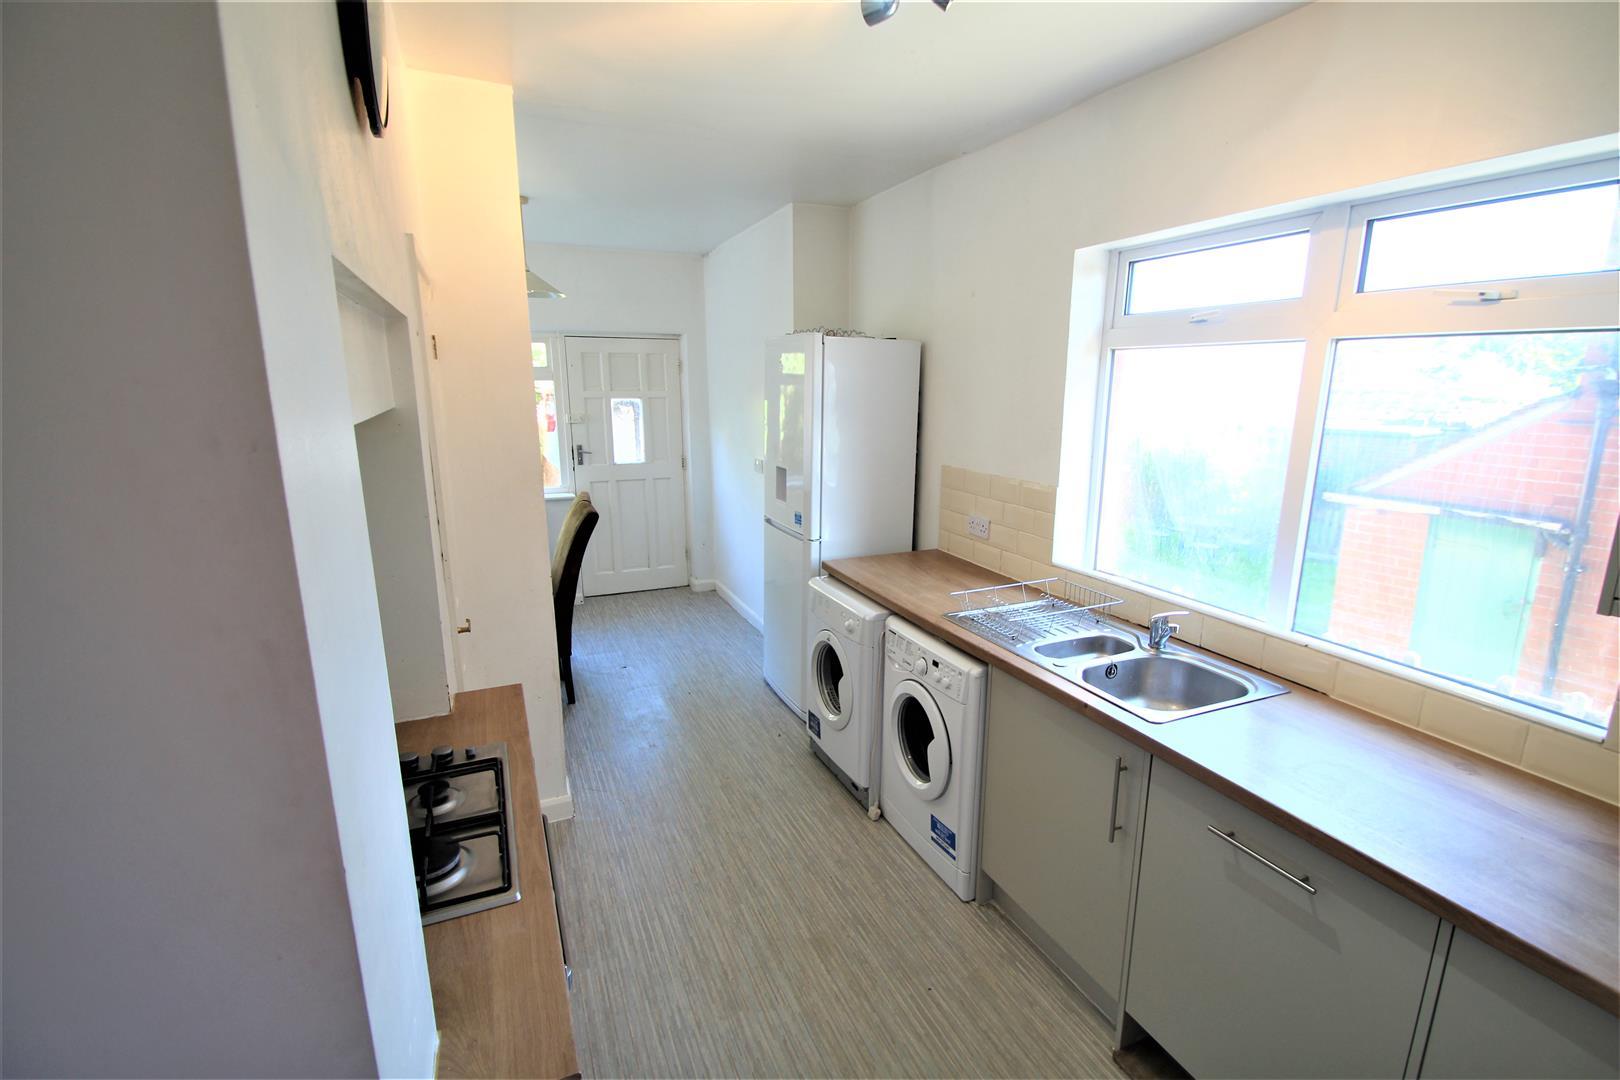 Room 2, St Annes Road, Headingley, Leeds, LS6 3NY